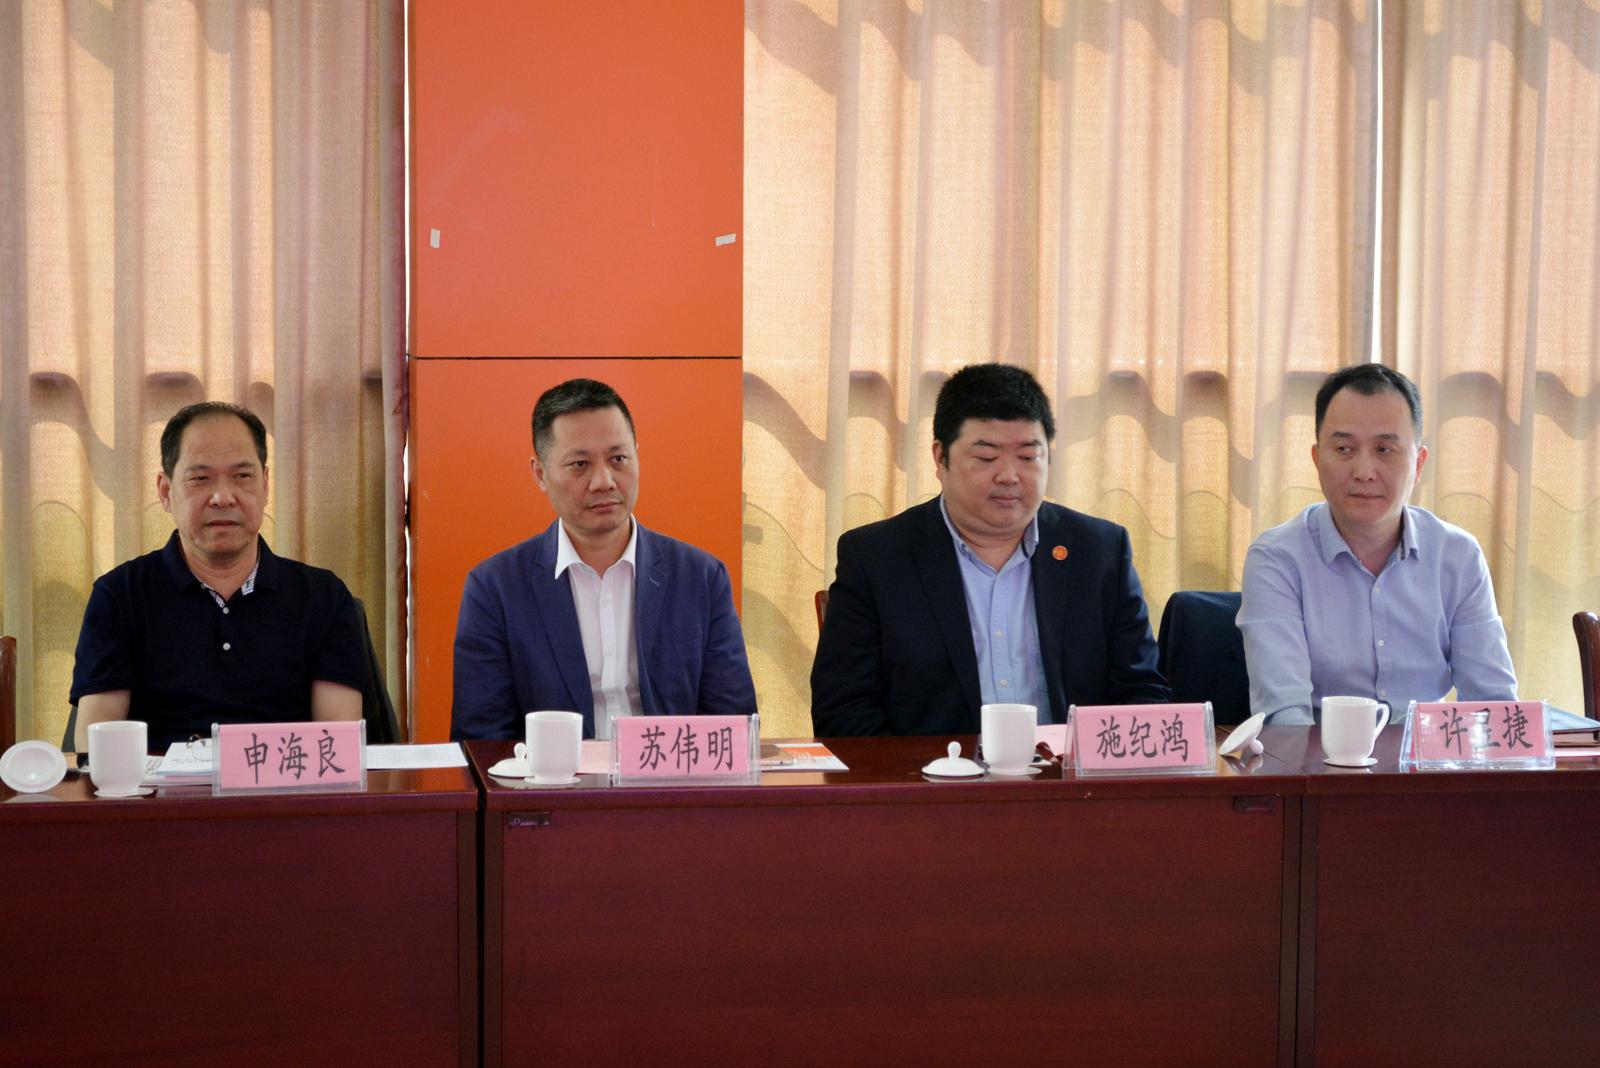 嘉兴市工业lovebet体育娱乐网址协会二届二次理事会胜利召开